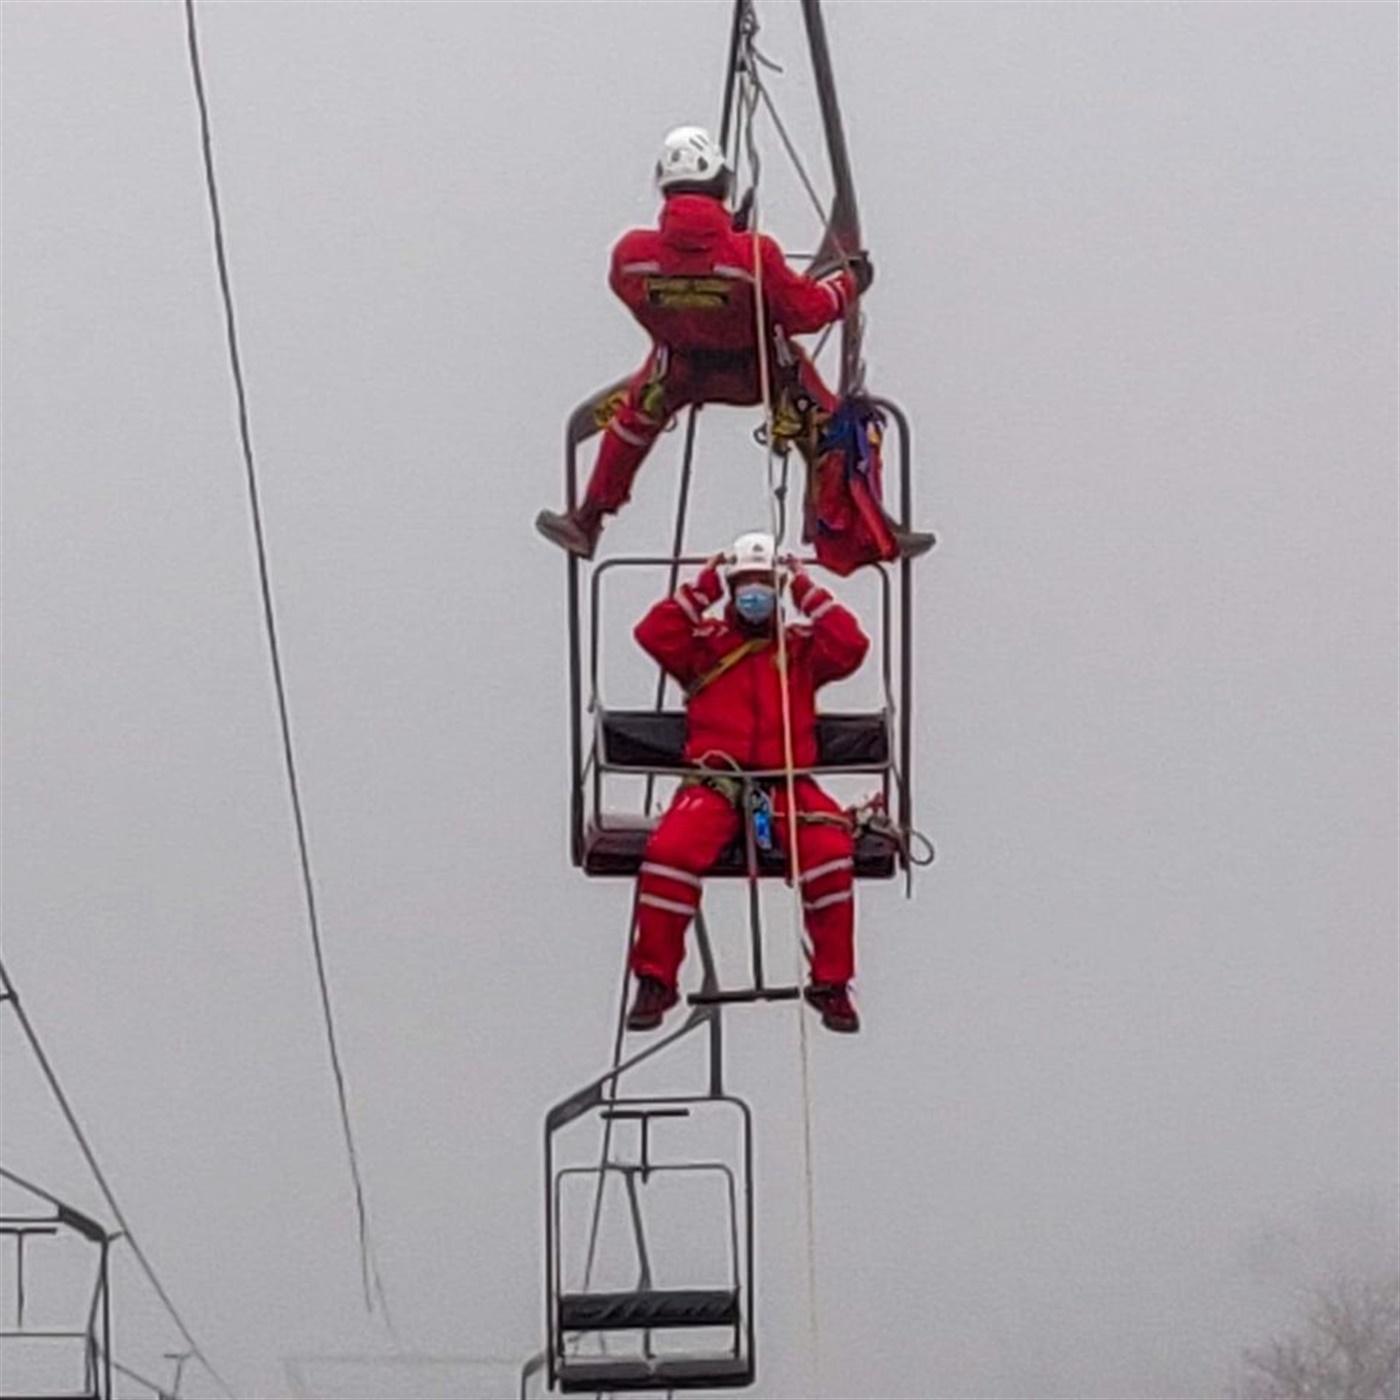 Vježba spašavanja sa žičare HGSS Stanice Rijeka